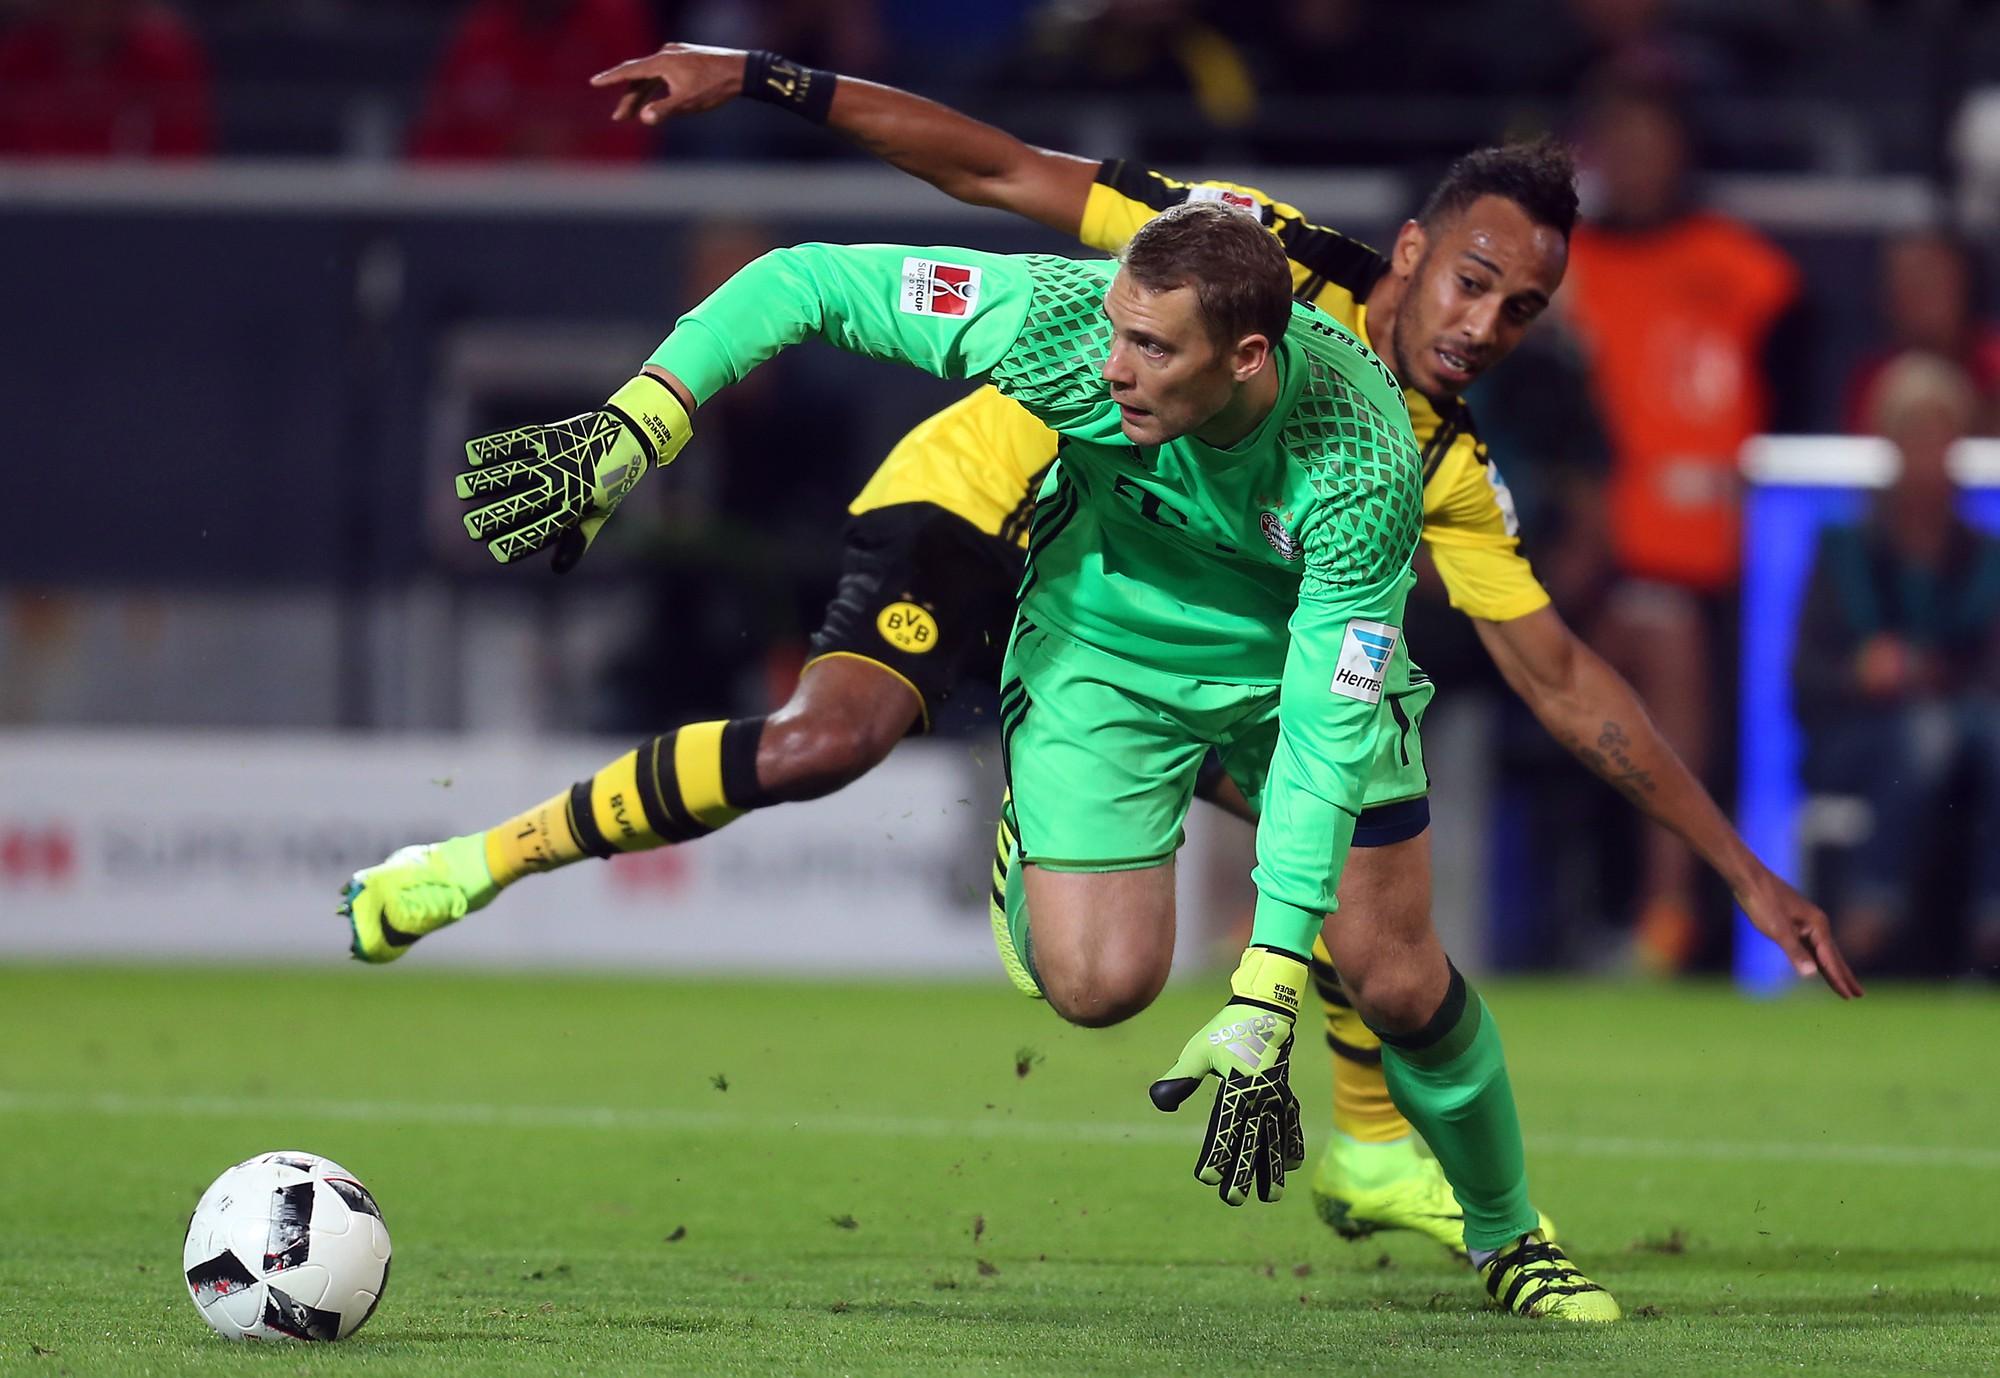 Neuer là một thủ môn nhưng có thể chơi như một hậu vệ